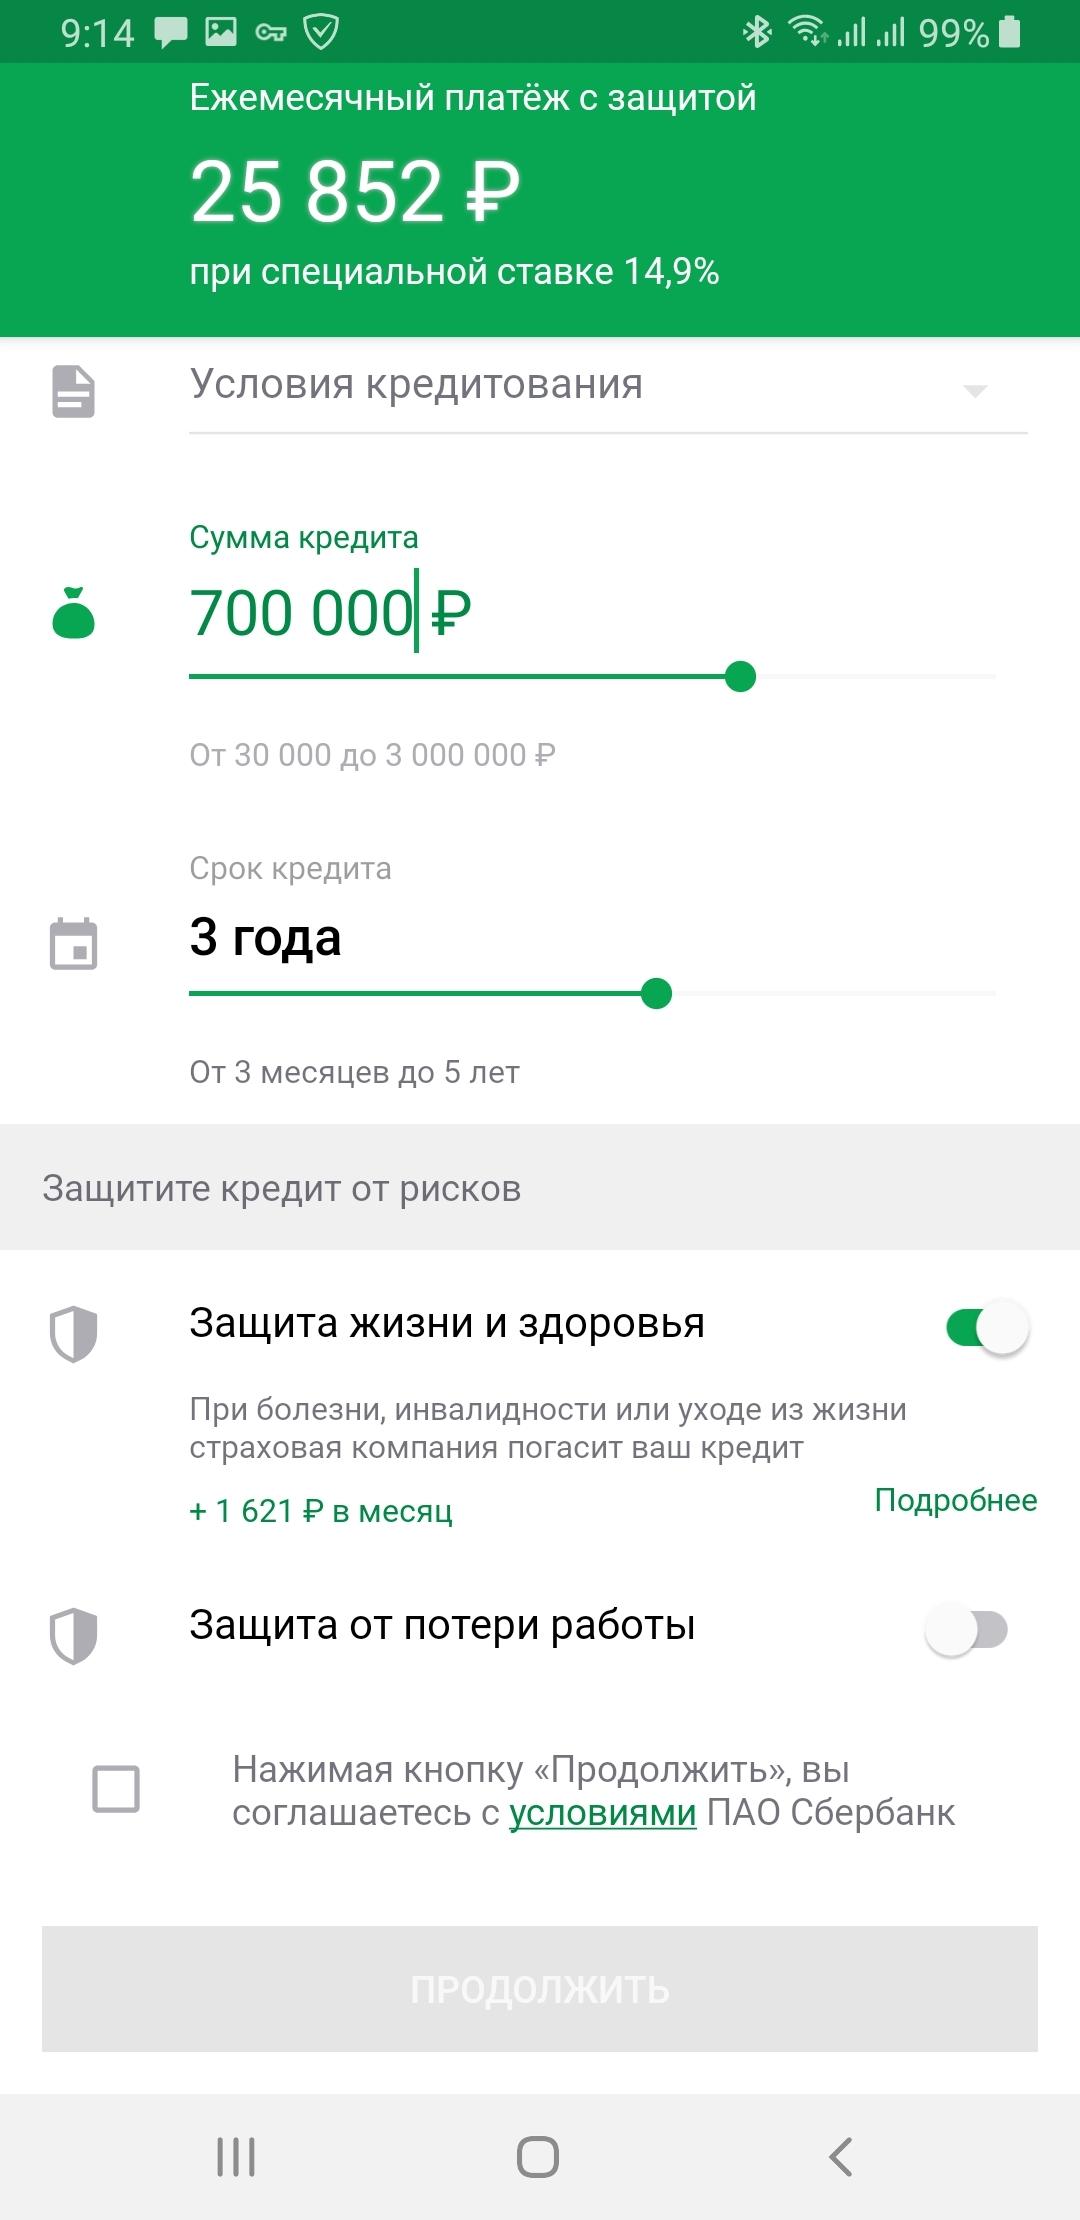 Кредит онлайн на три месяца оплата кредита кредит европа банк онлайн